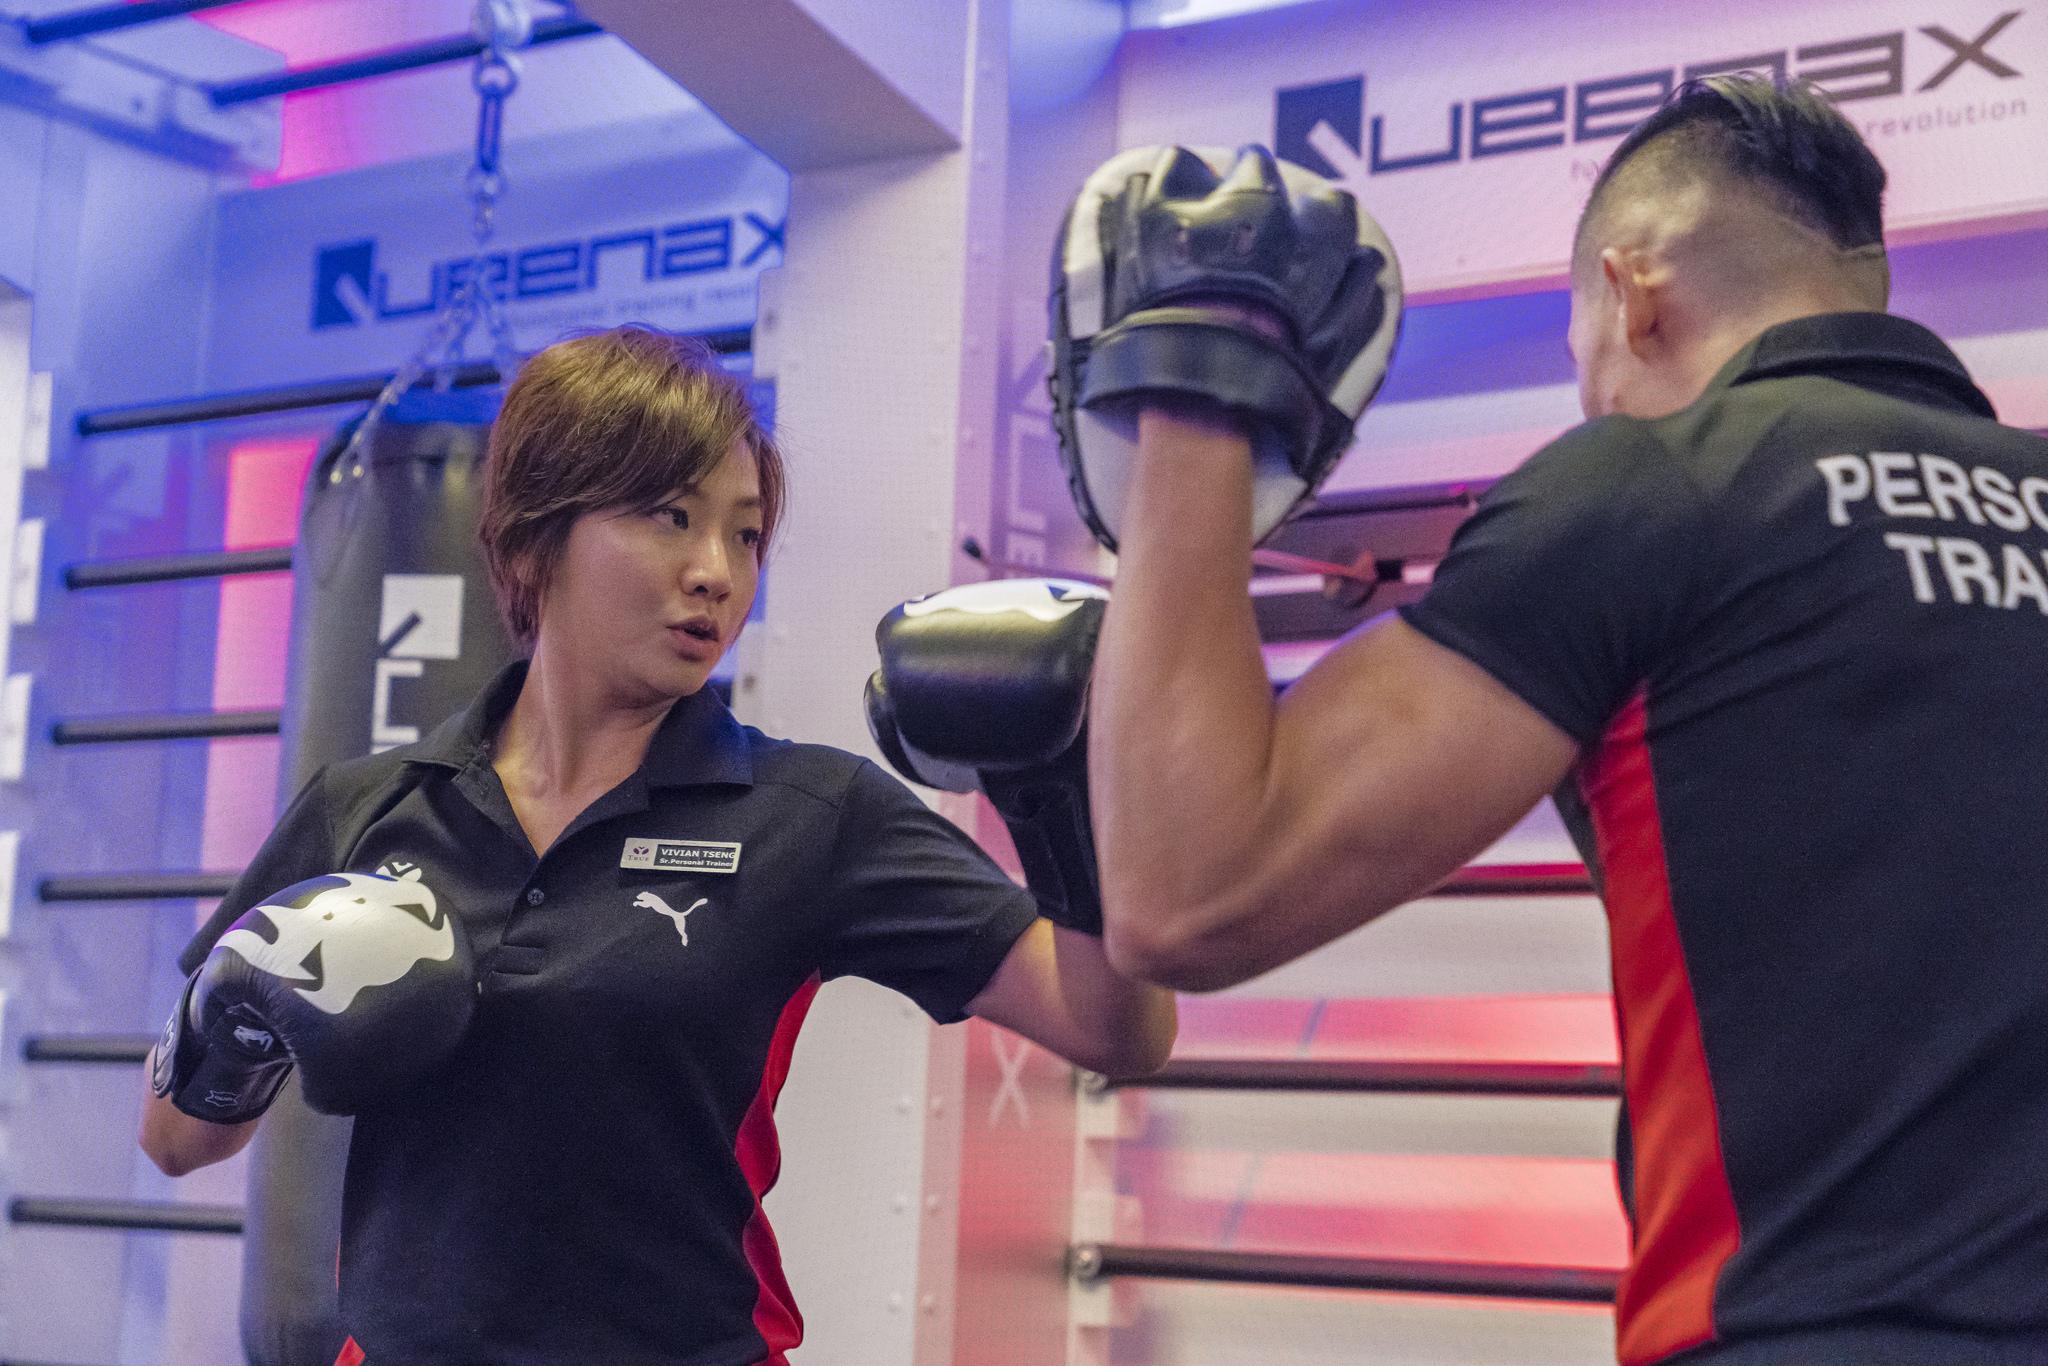 【生活誌專訪】TRUE YOGA.FITNESS教練 – Vivian。從民俗舞蹈轉戰拳擊,健身教練的華麗轉身!